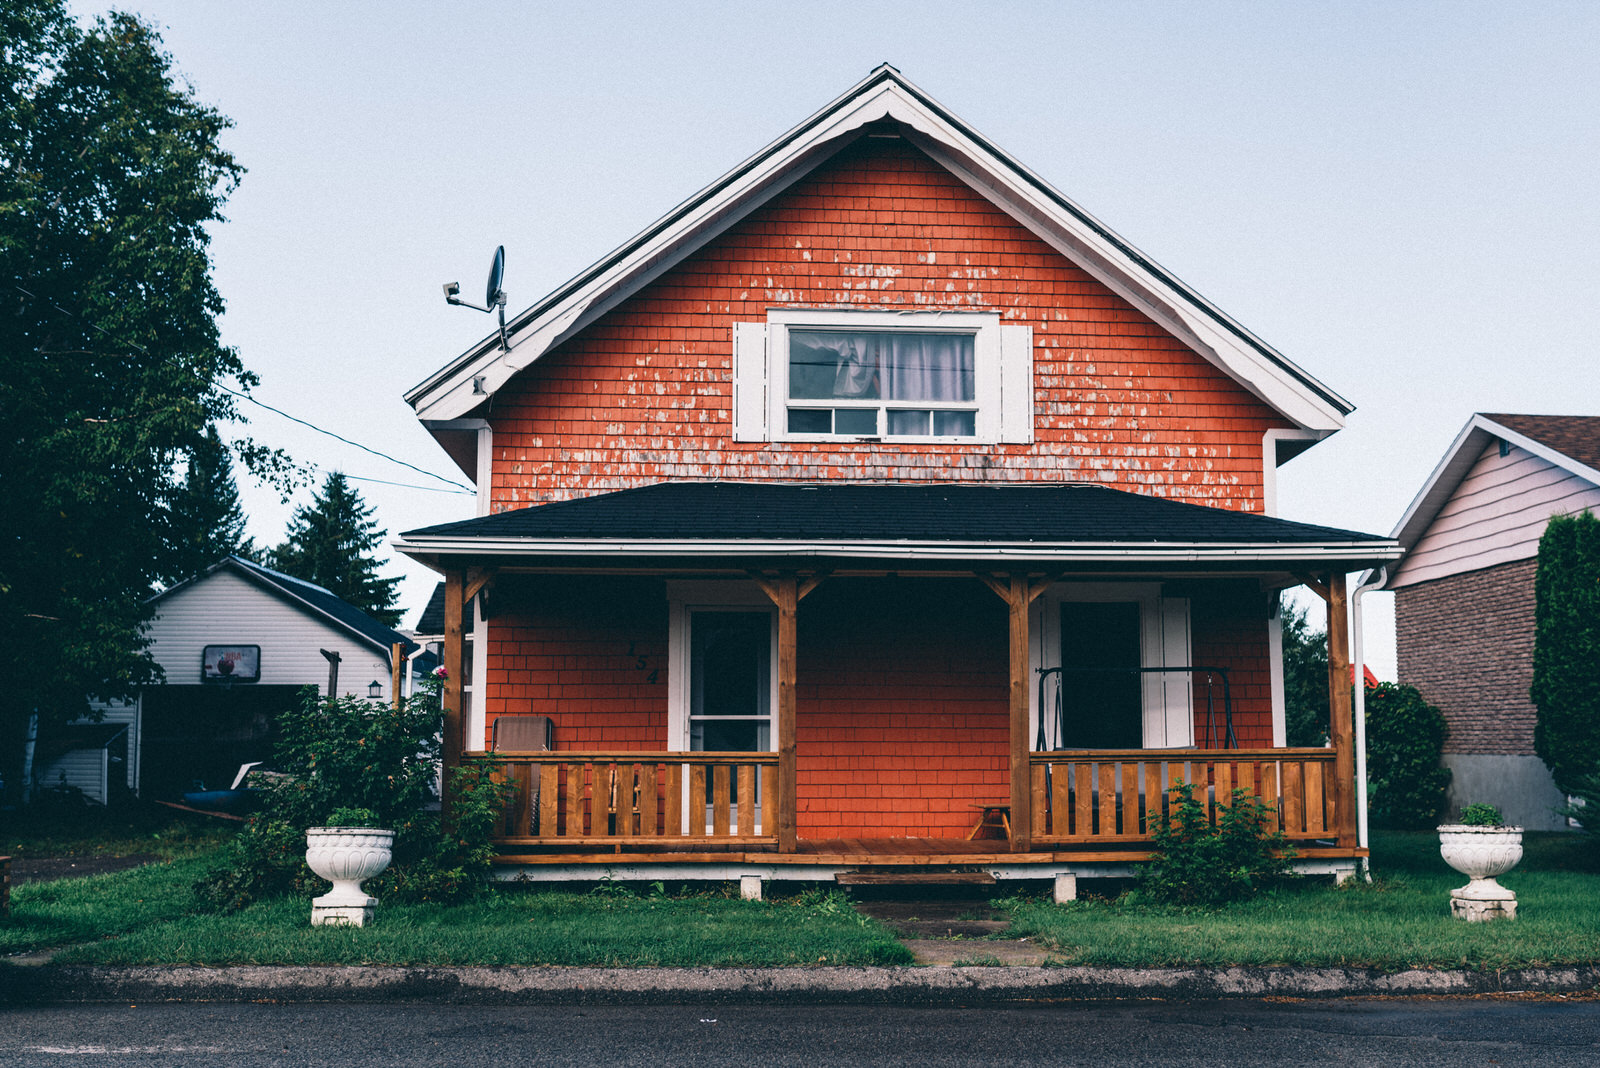 Maison en bois au canada maison moderne for Photo de maison au canada